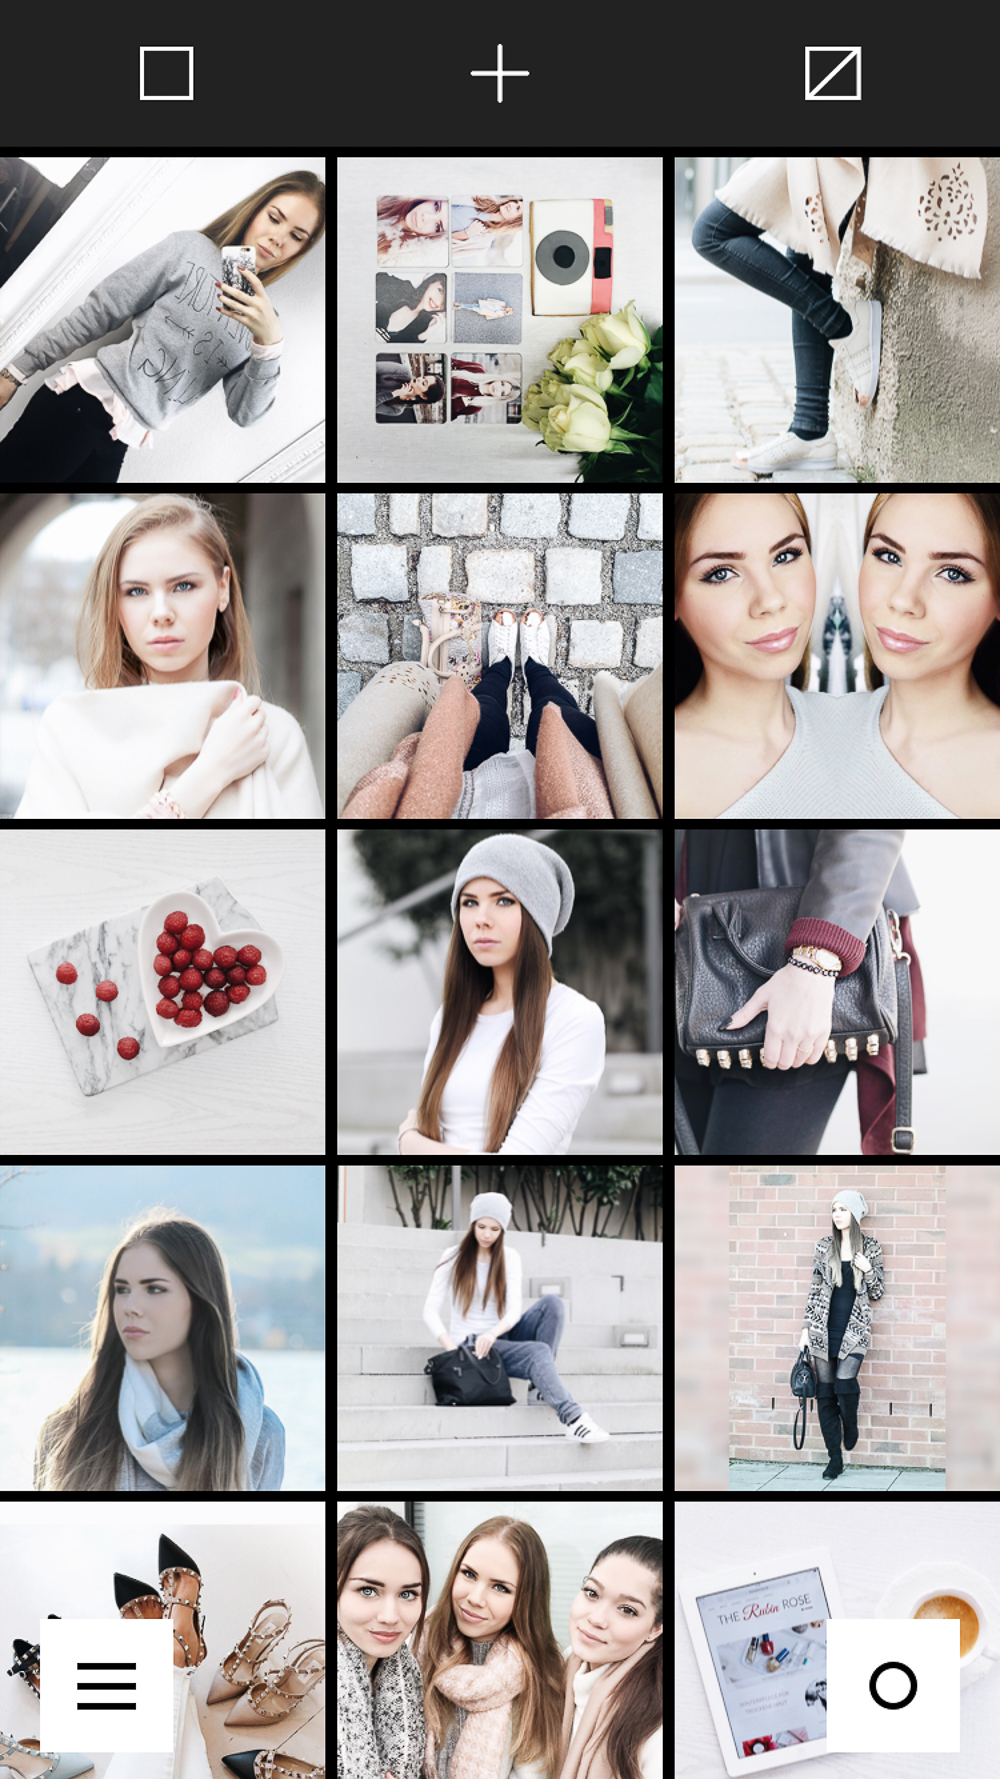 TheRubinRose-Blog-München-Munich-Modeblog-Fashionblog-Blogger-App-Apps-Fotobearbeitungs-Apps-Bildbearbeitungsapps-Apps-Fotografie-Bearbeitung-Selfie-Gesicht-weichzeichnen-retuschieren-verändern-zuschneiden-ändern-aufhellen-entsättigen-Helligkeit-VSCO-Layout